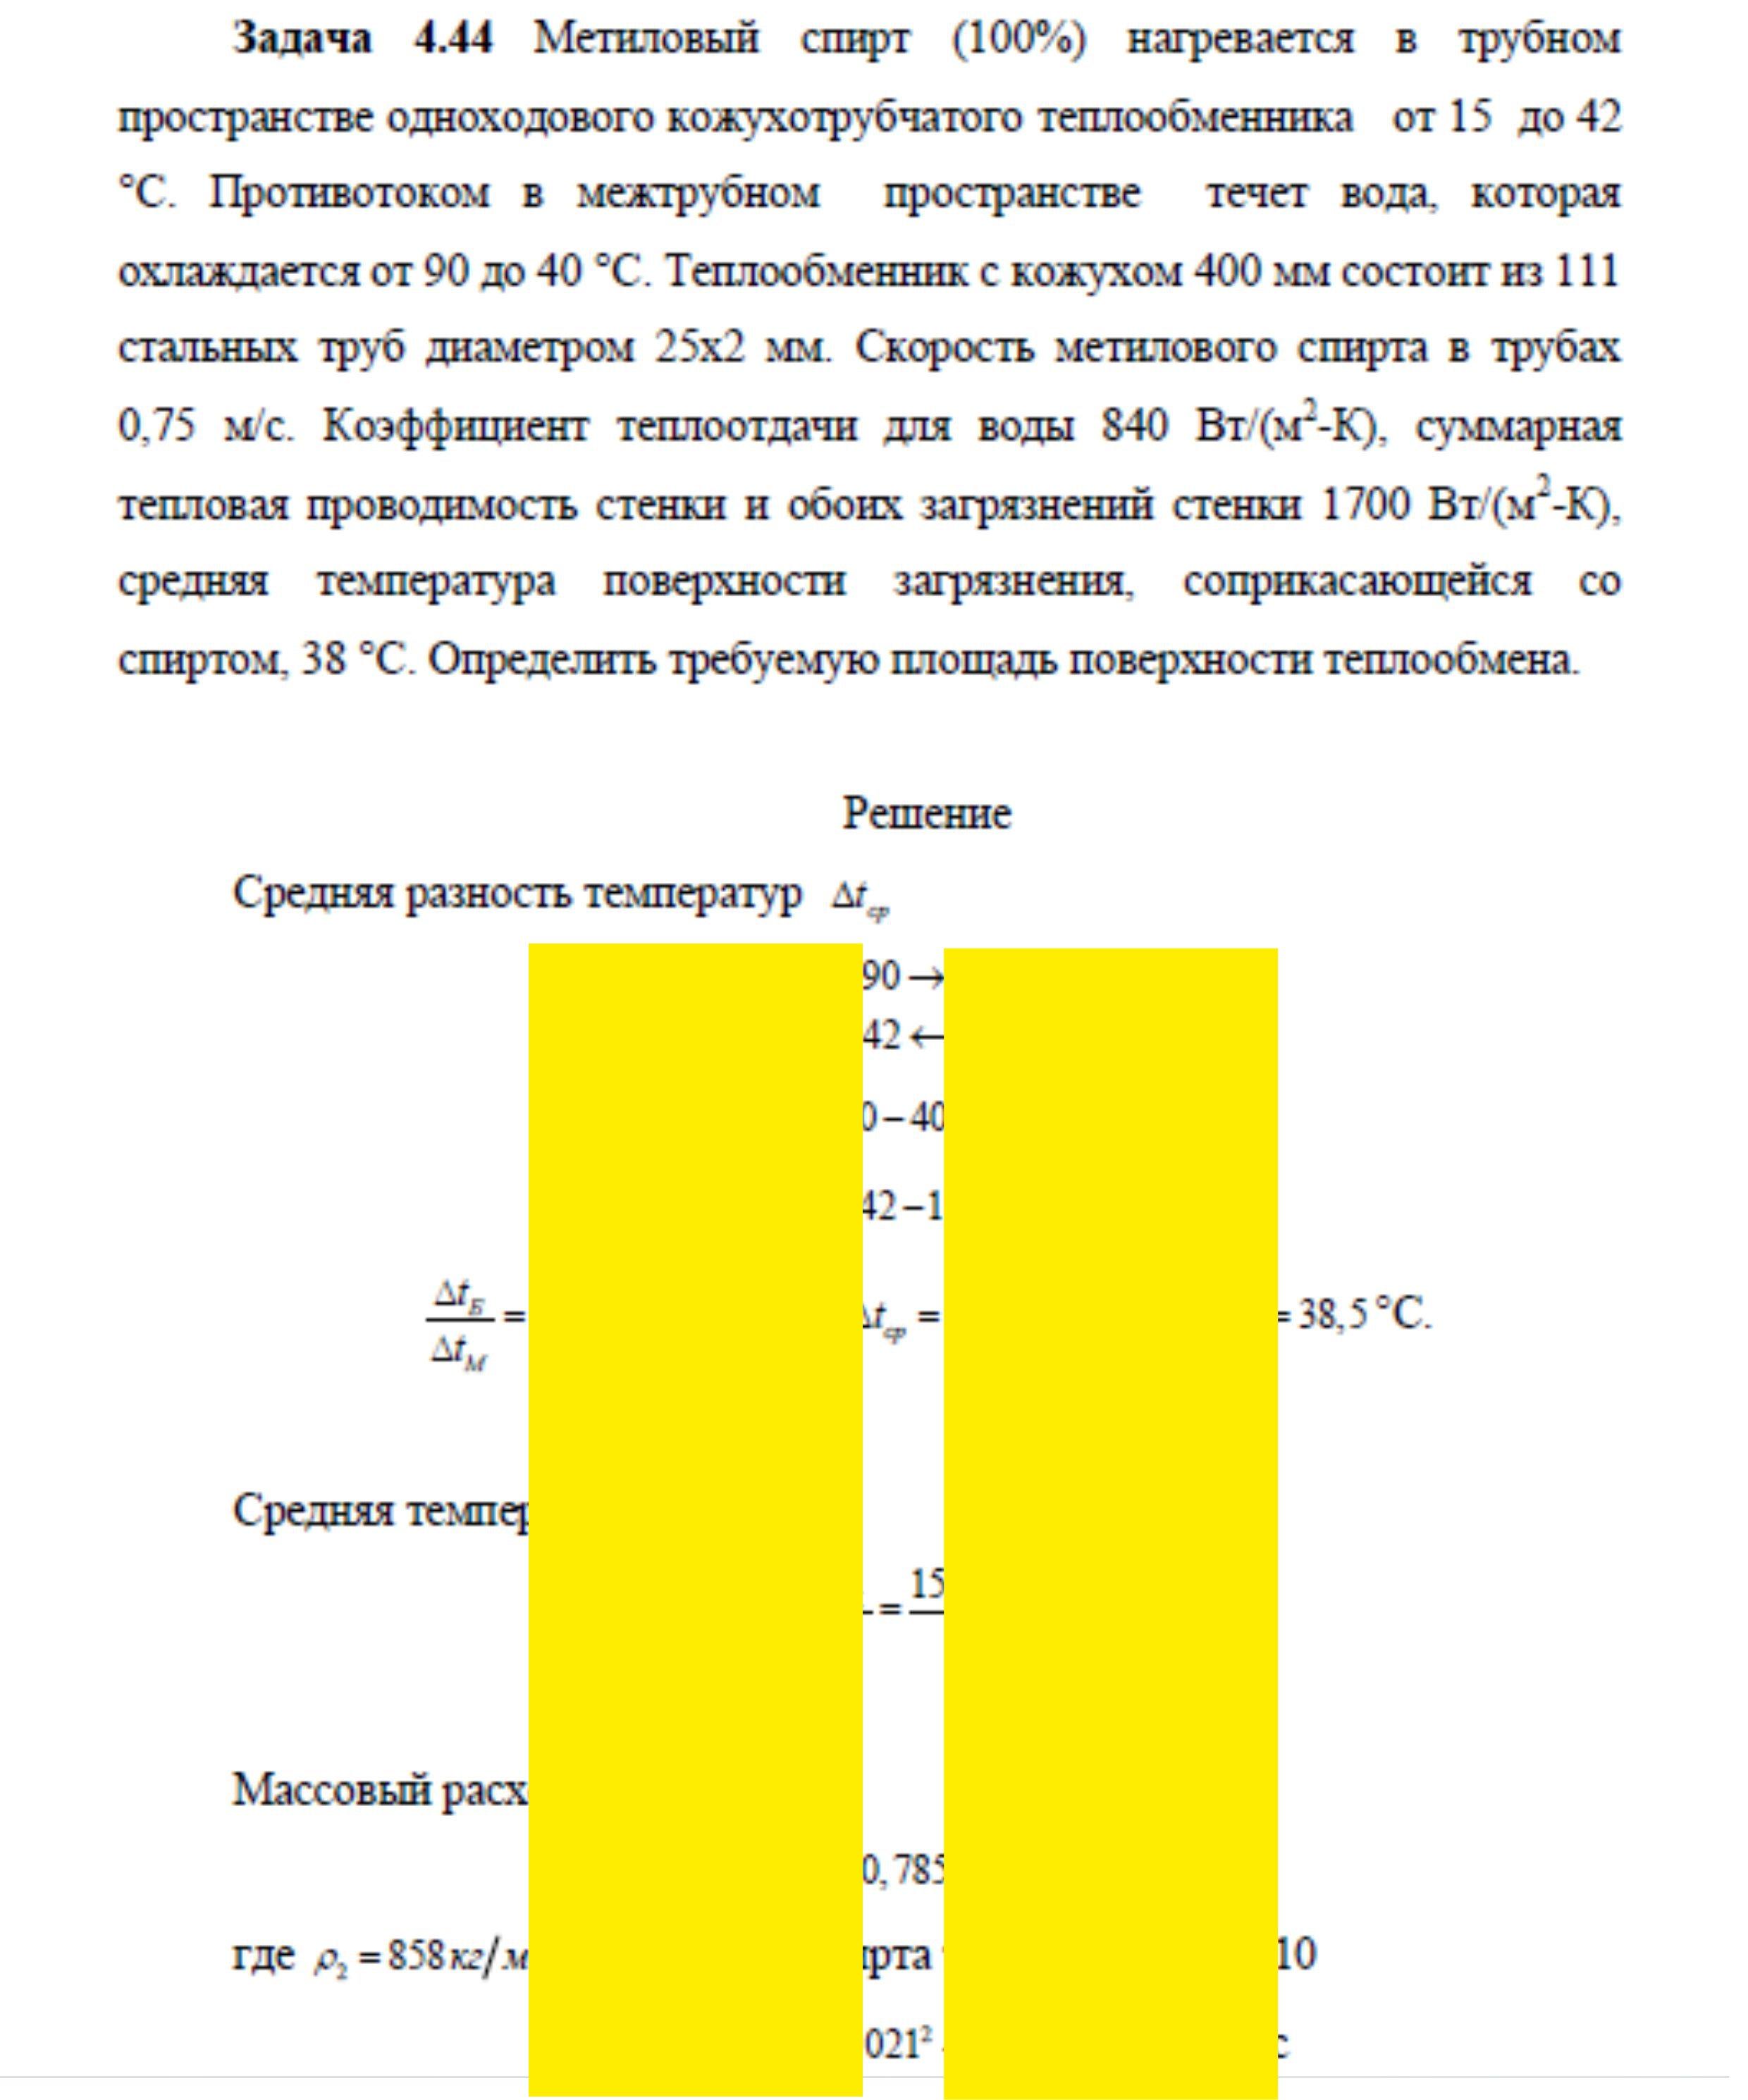 Решение задачи 4.44 по ПАХТ из задачника Павлова Романкова Носкова